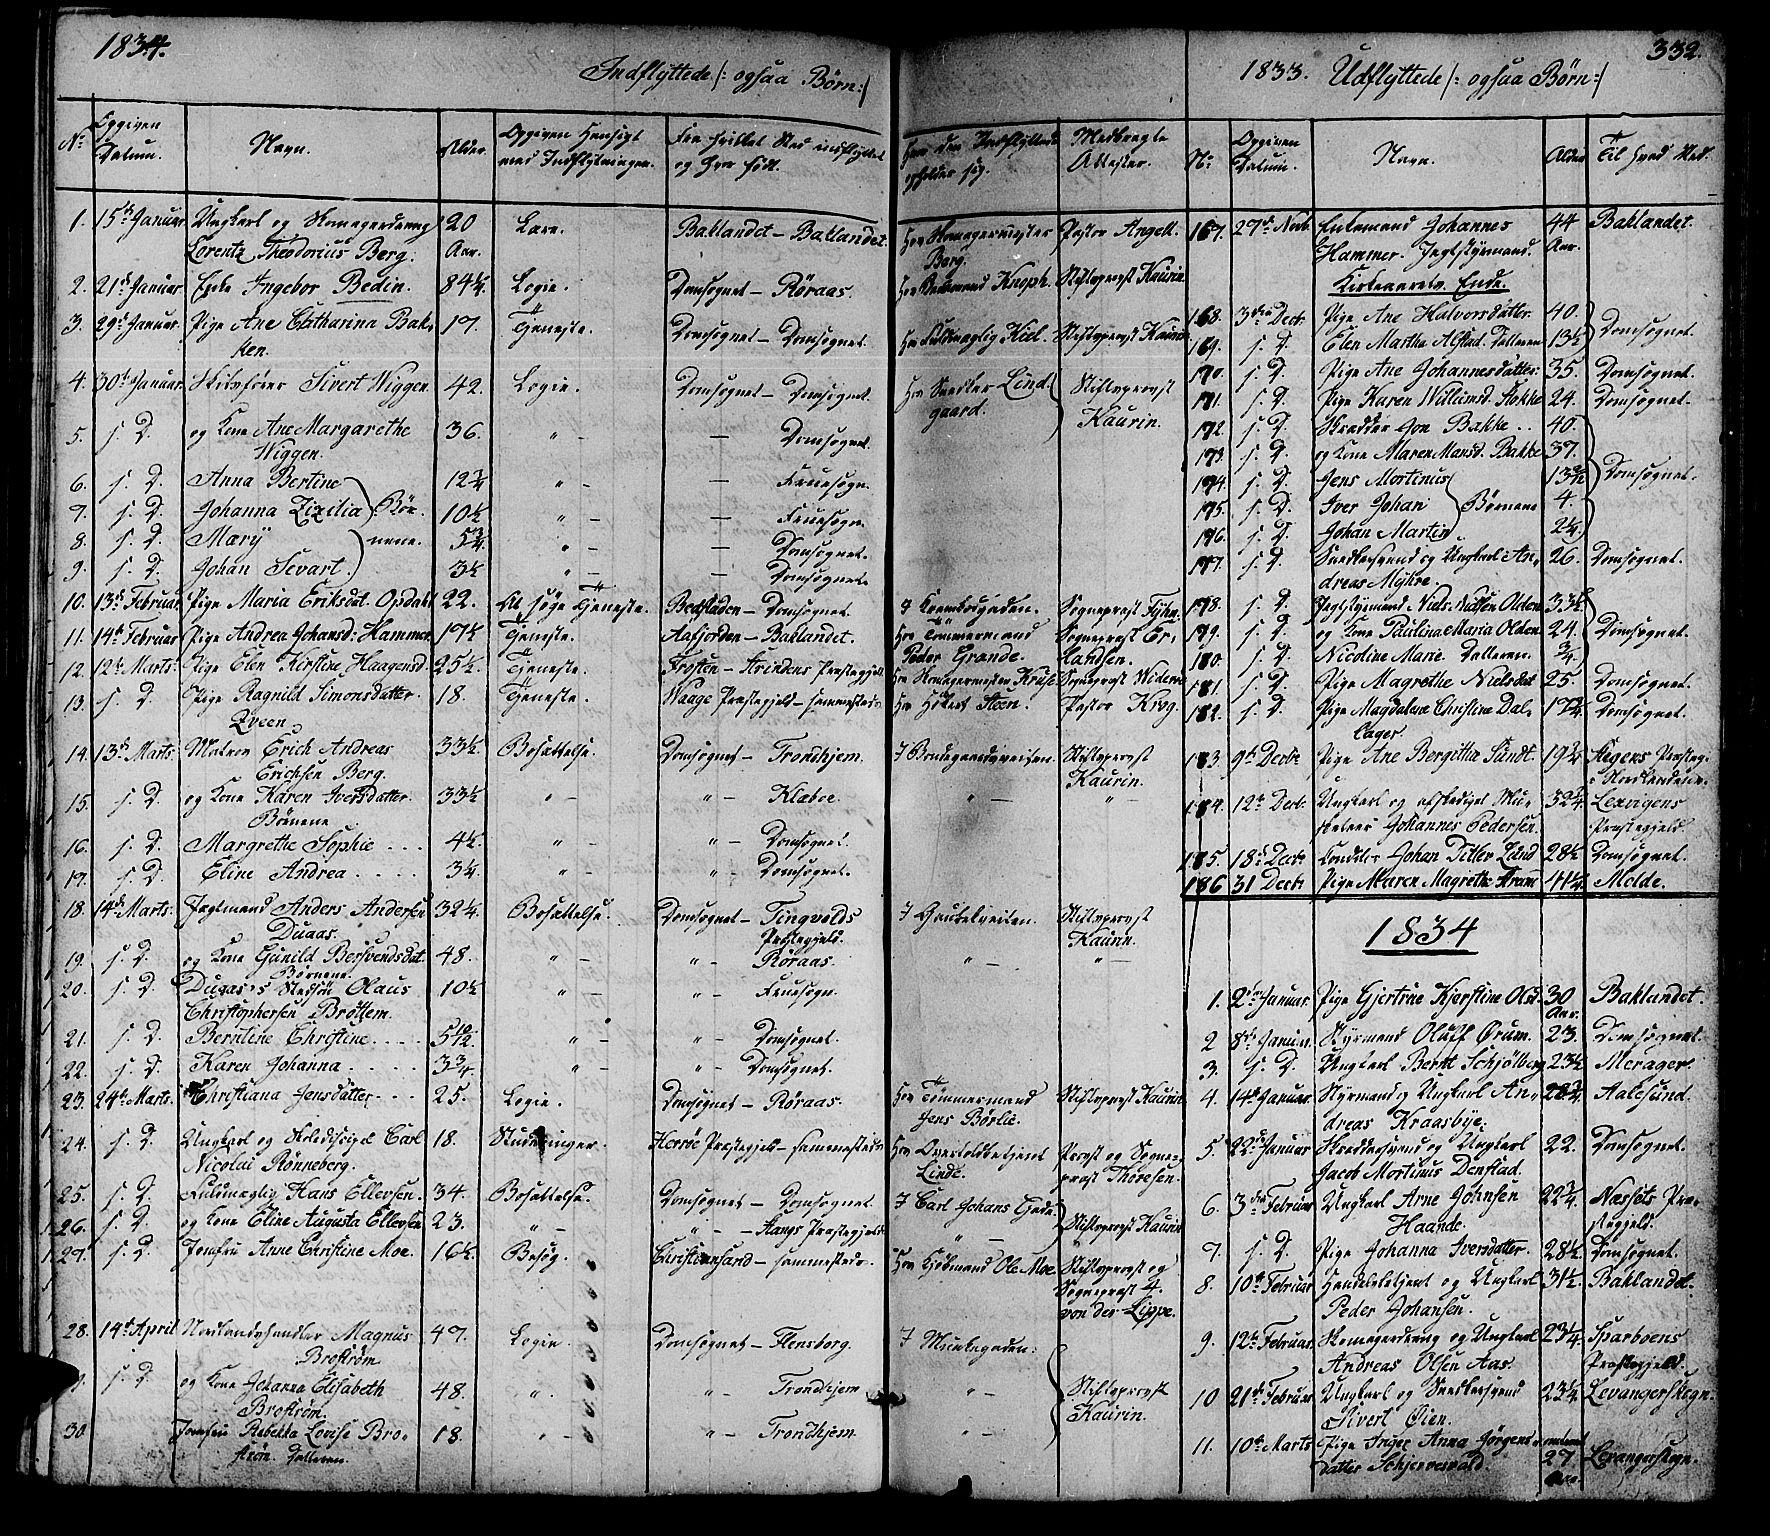 SAT, Ministerialprotokoller, klokkerbøker og fødselsregistre - Sør-Trøndelag, 602/L0136: Klokkerbok nr. 602C04, 1833-1845, s. 332